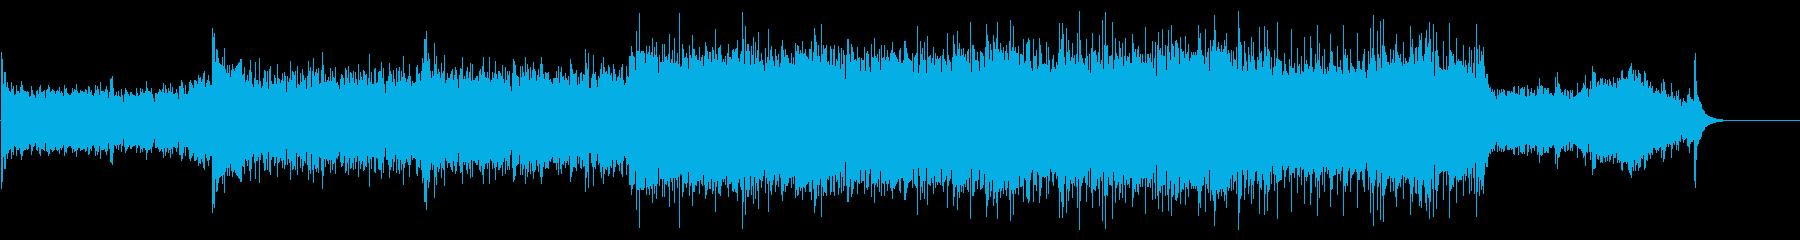 サスペンス。エレクトリックピアノソロ。の再生済みの波形